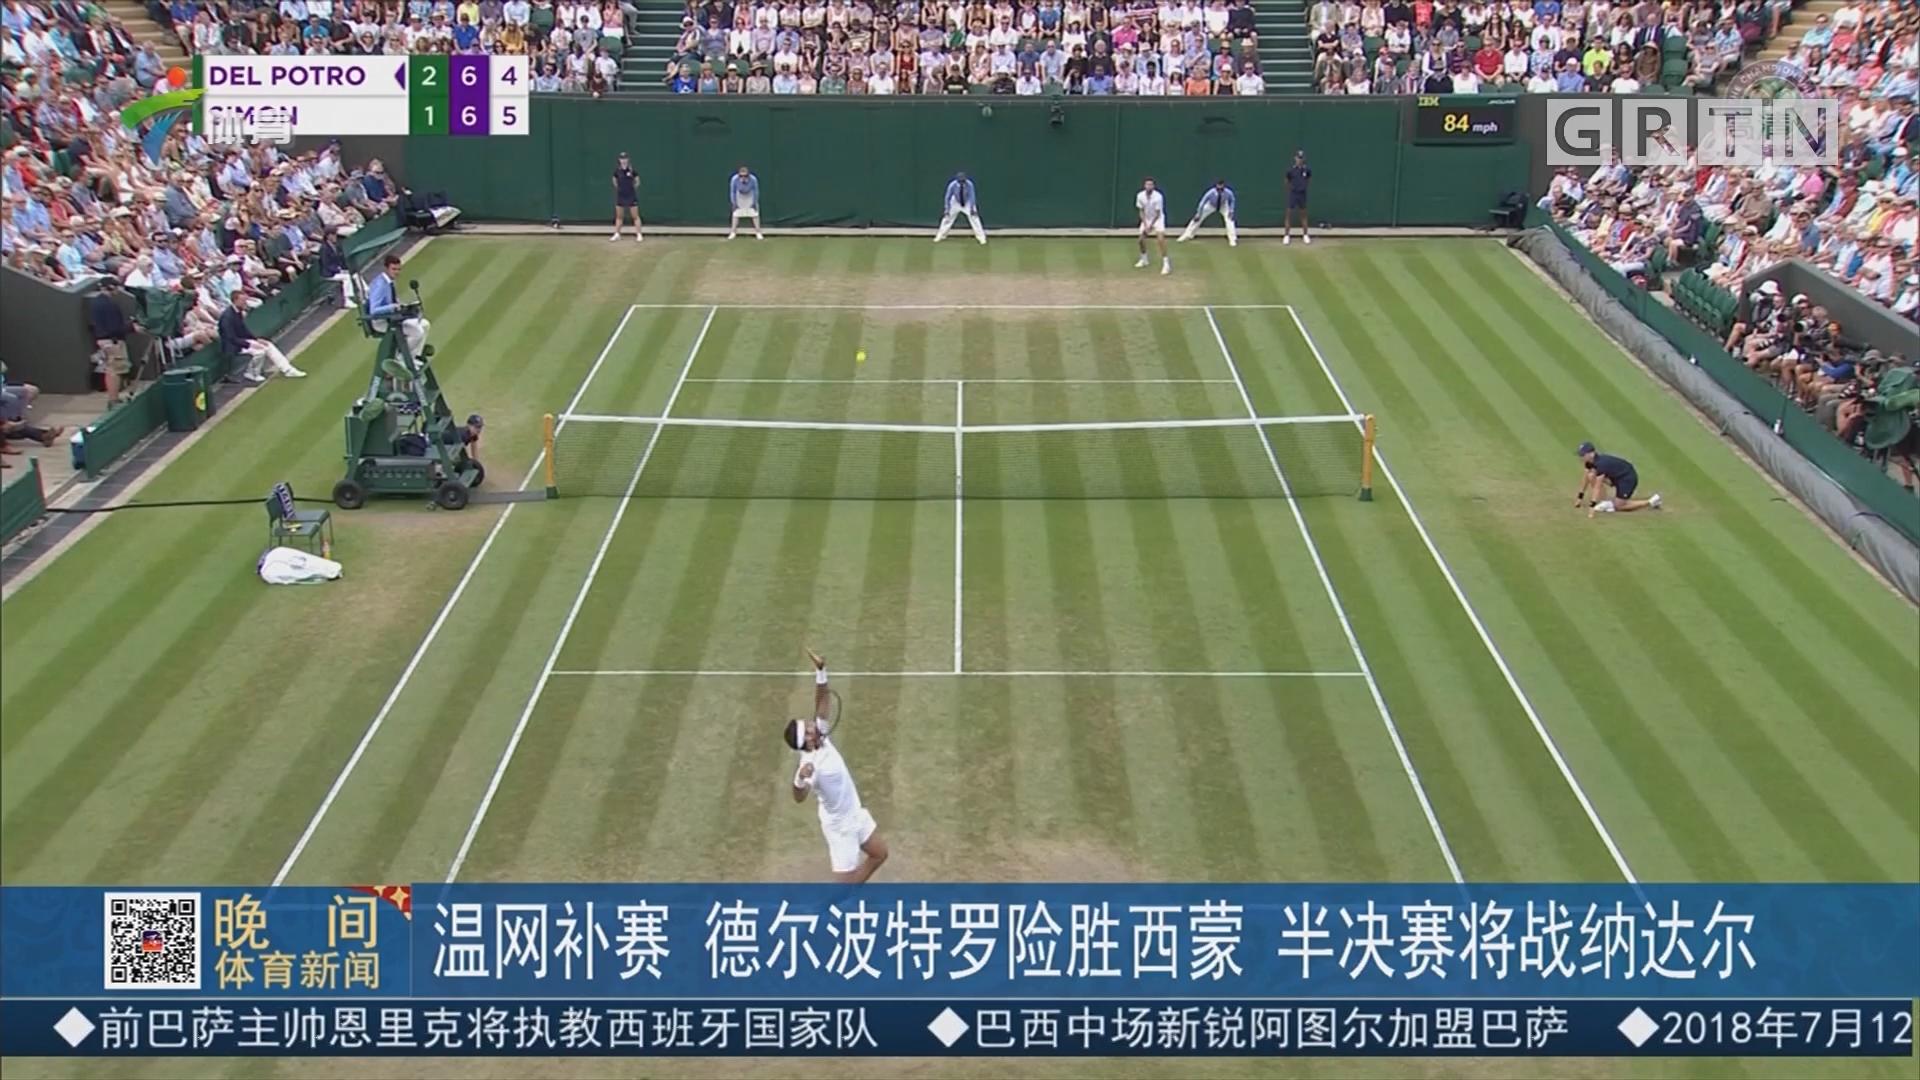 温网补赛 德尔波特罗险胜西蒙 半决赛将战纳达尔